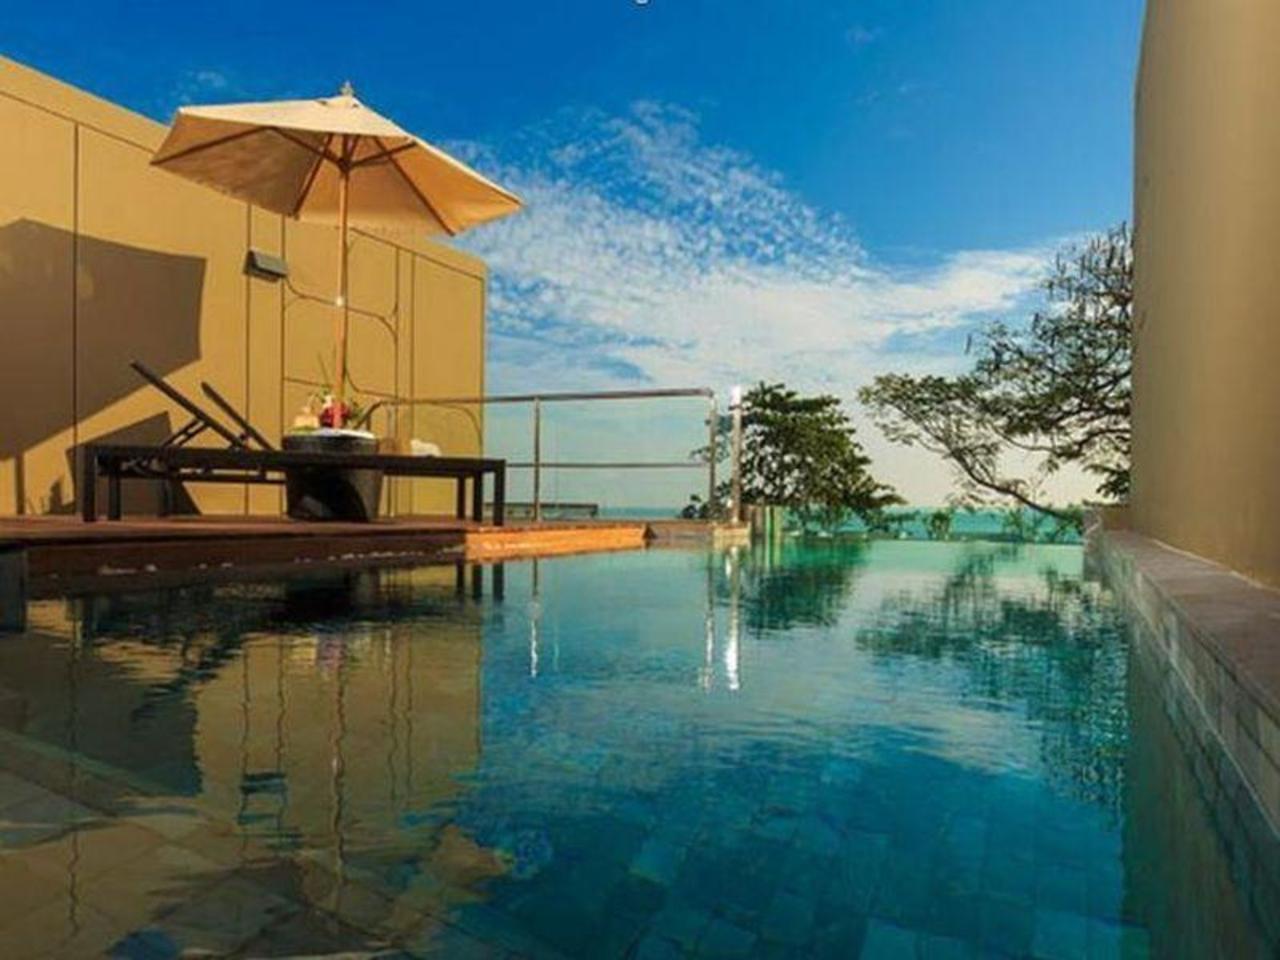 เอ็กซคูซีฟ พูล วิลล่า บาย บ้านหาดงาม (Executive Pool Villa by Baan Haad Ngam)